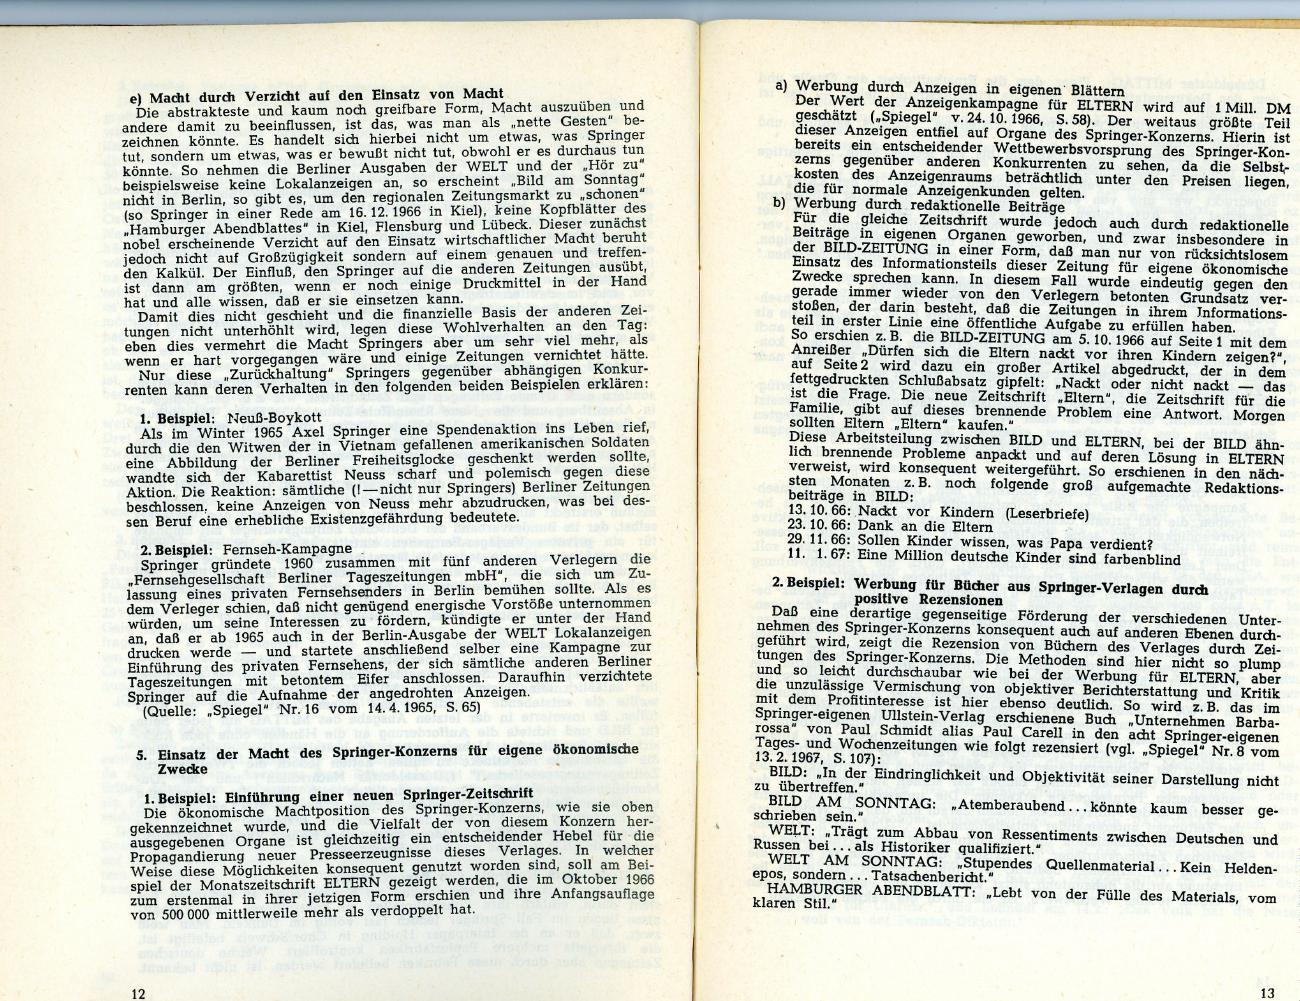 Berlin_RC_1967_Springer_enteignen_09